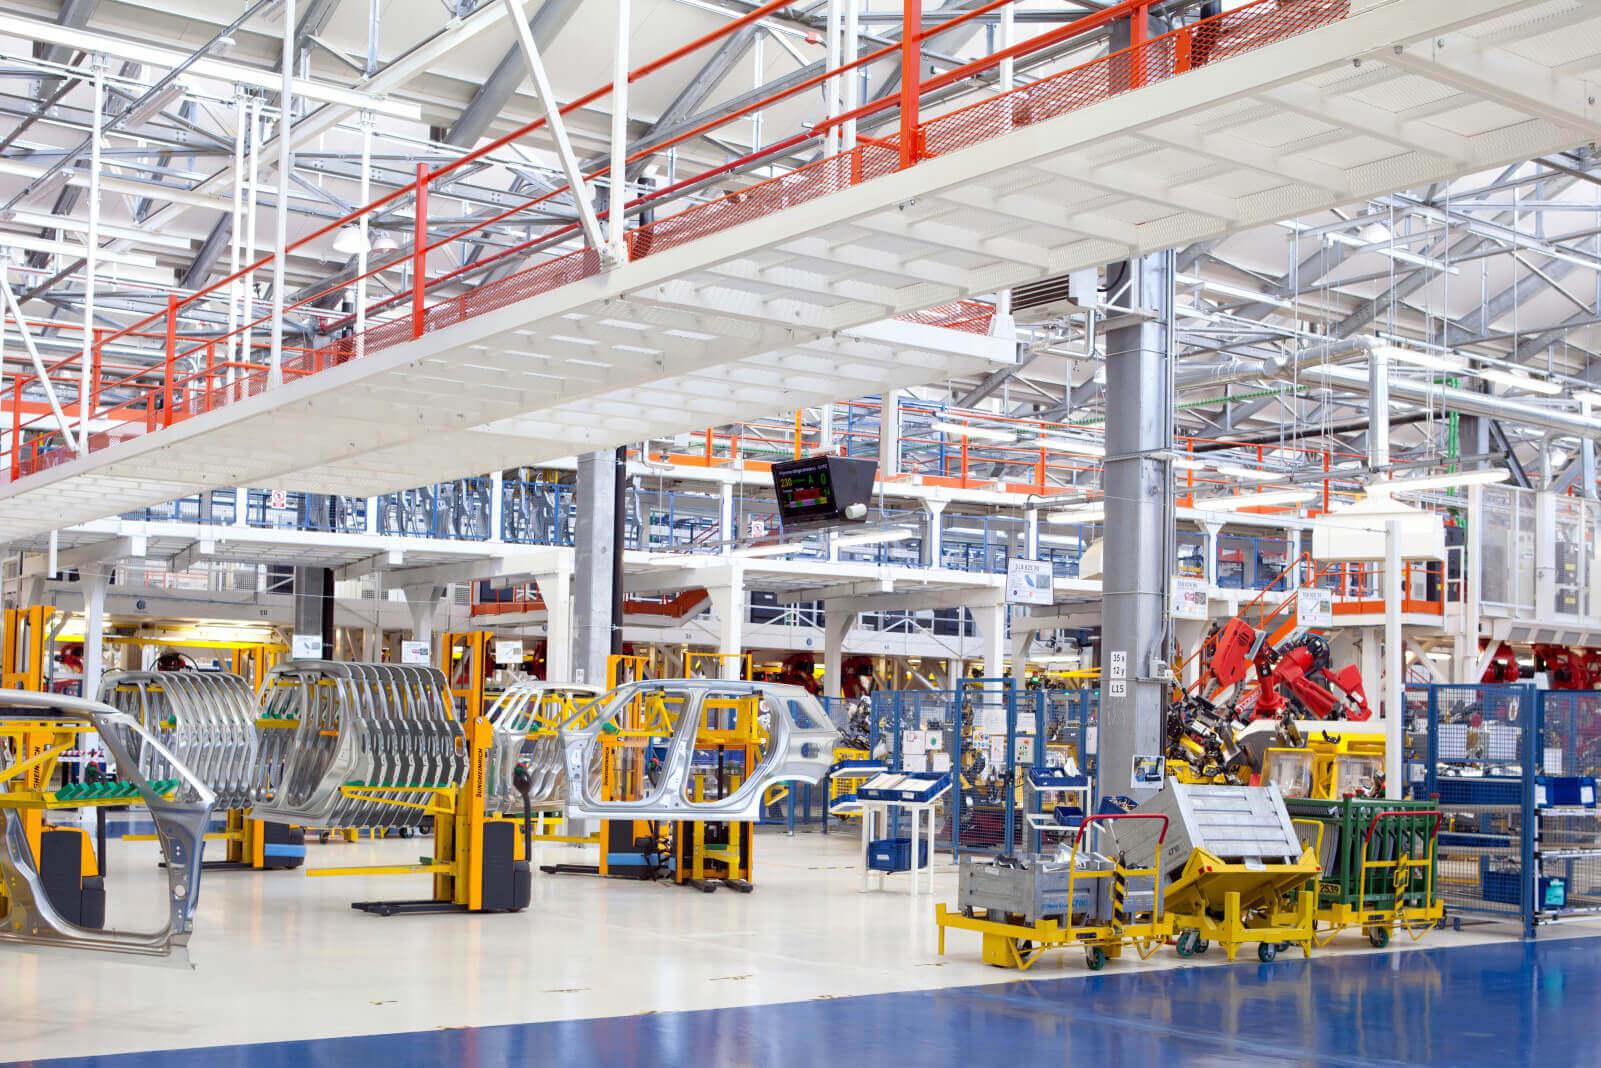 Ipari létesítmények, gyárak ellátása fényforrással, lámpatestekkel